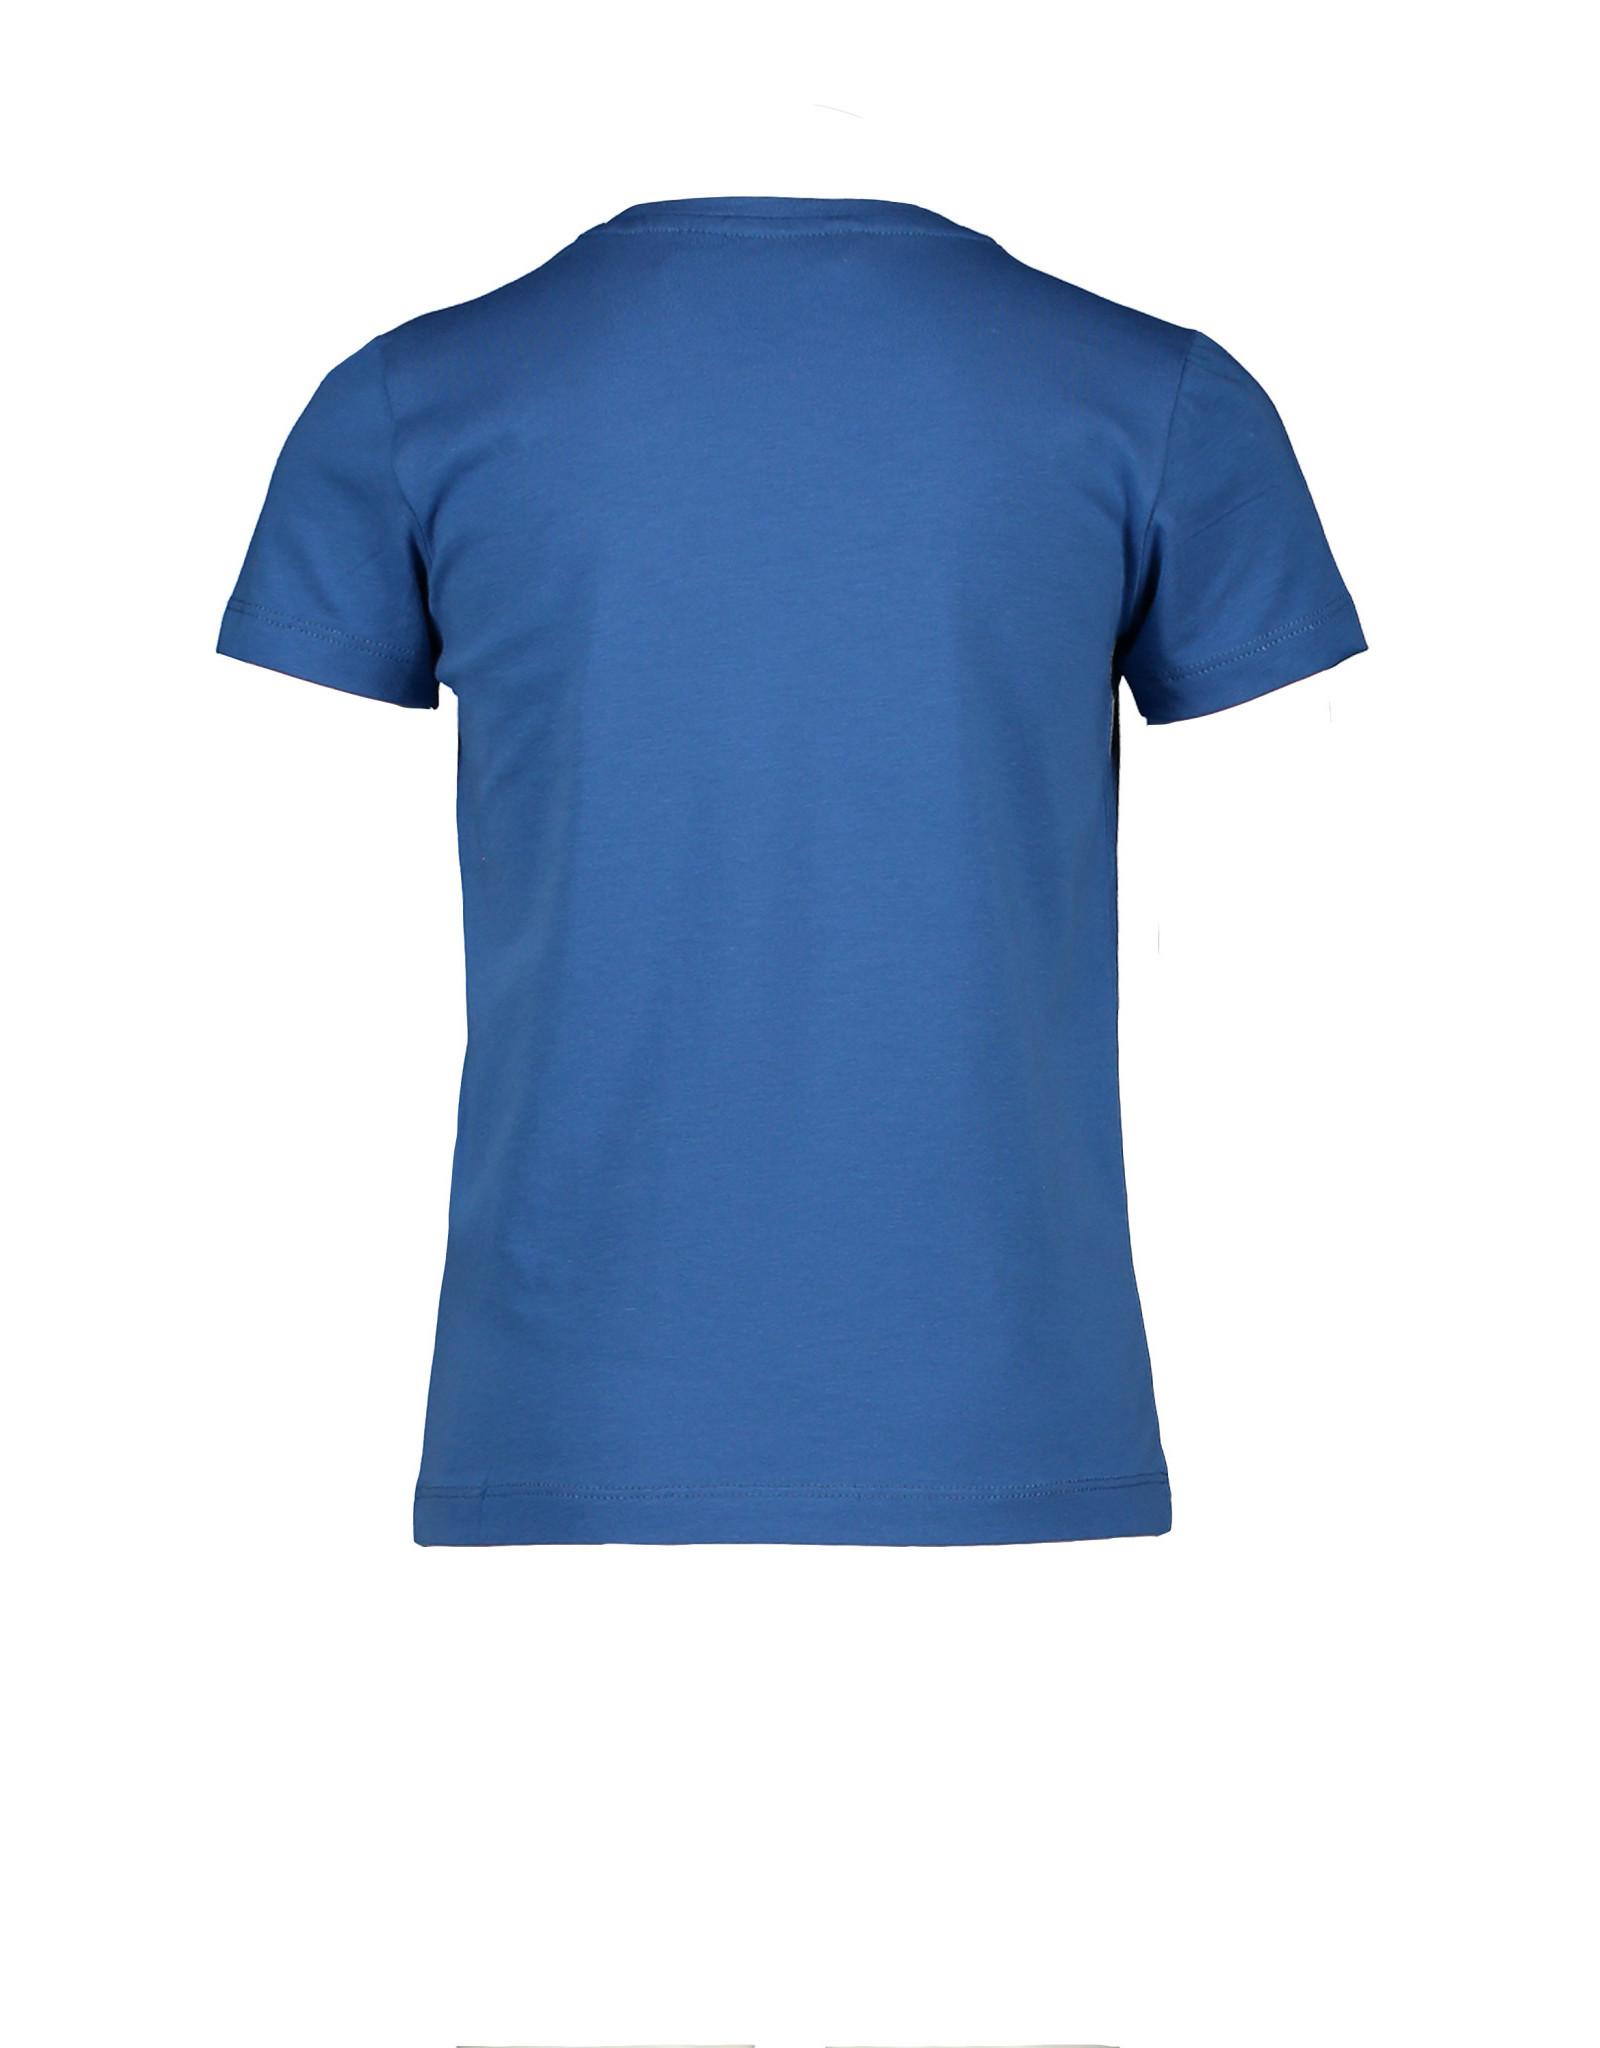 Moodstreet Moodstreet meisjes t-shirt Simply Blue Chestprint